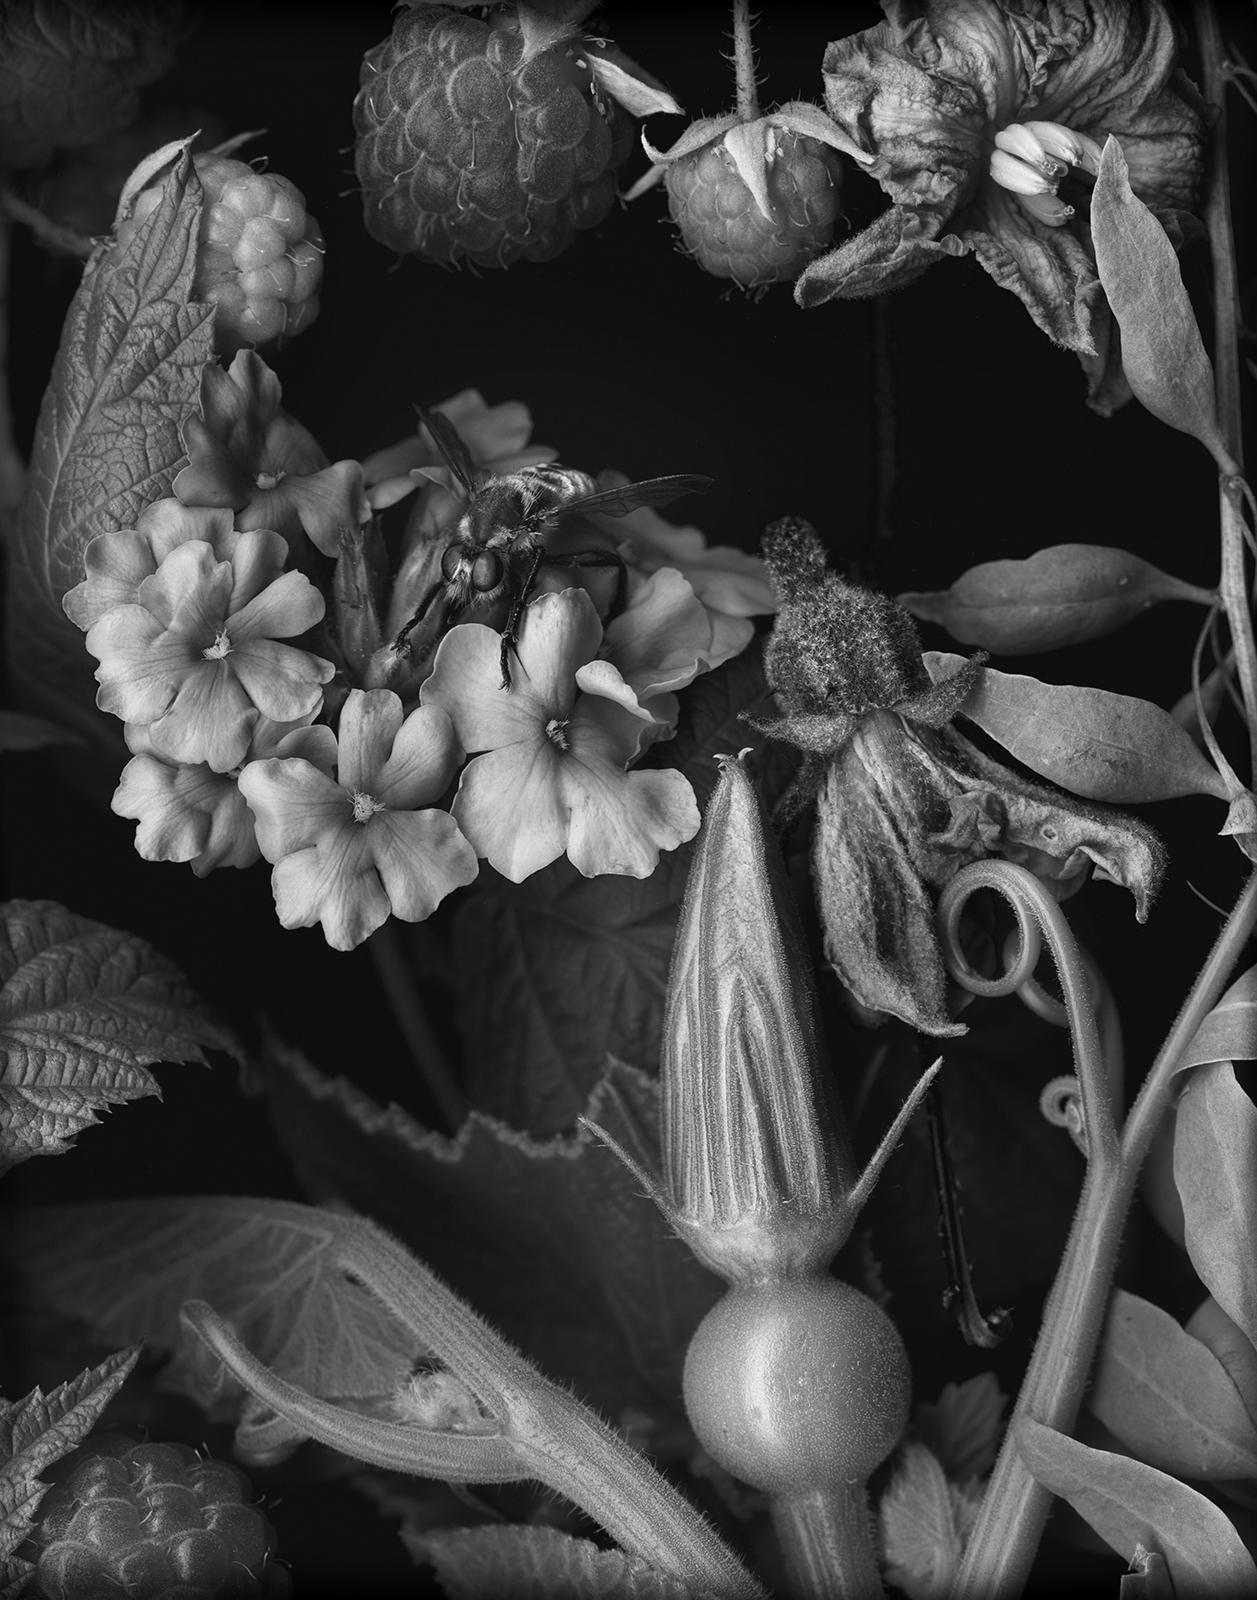 Squash and Raspberries